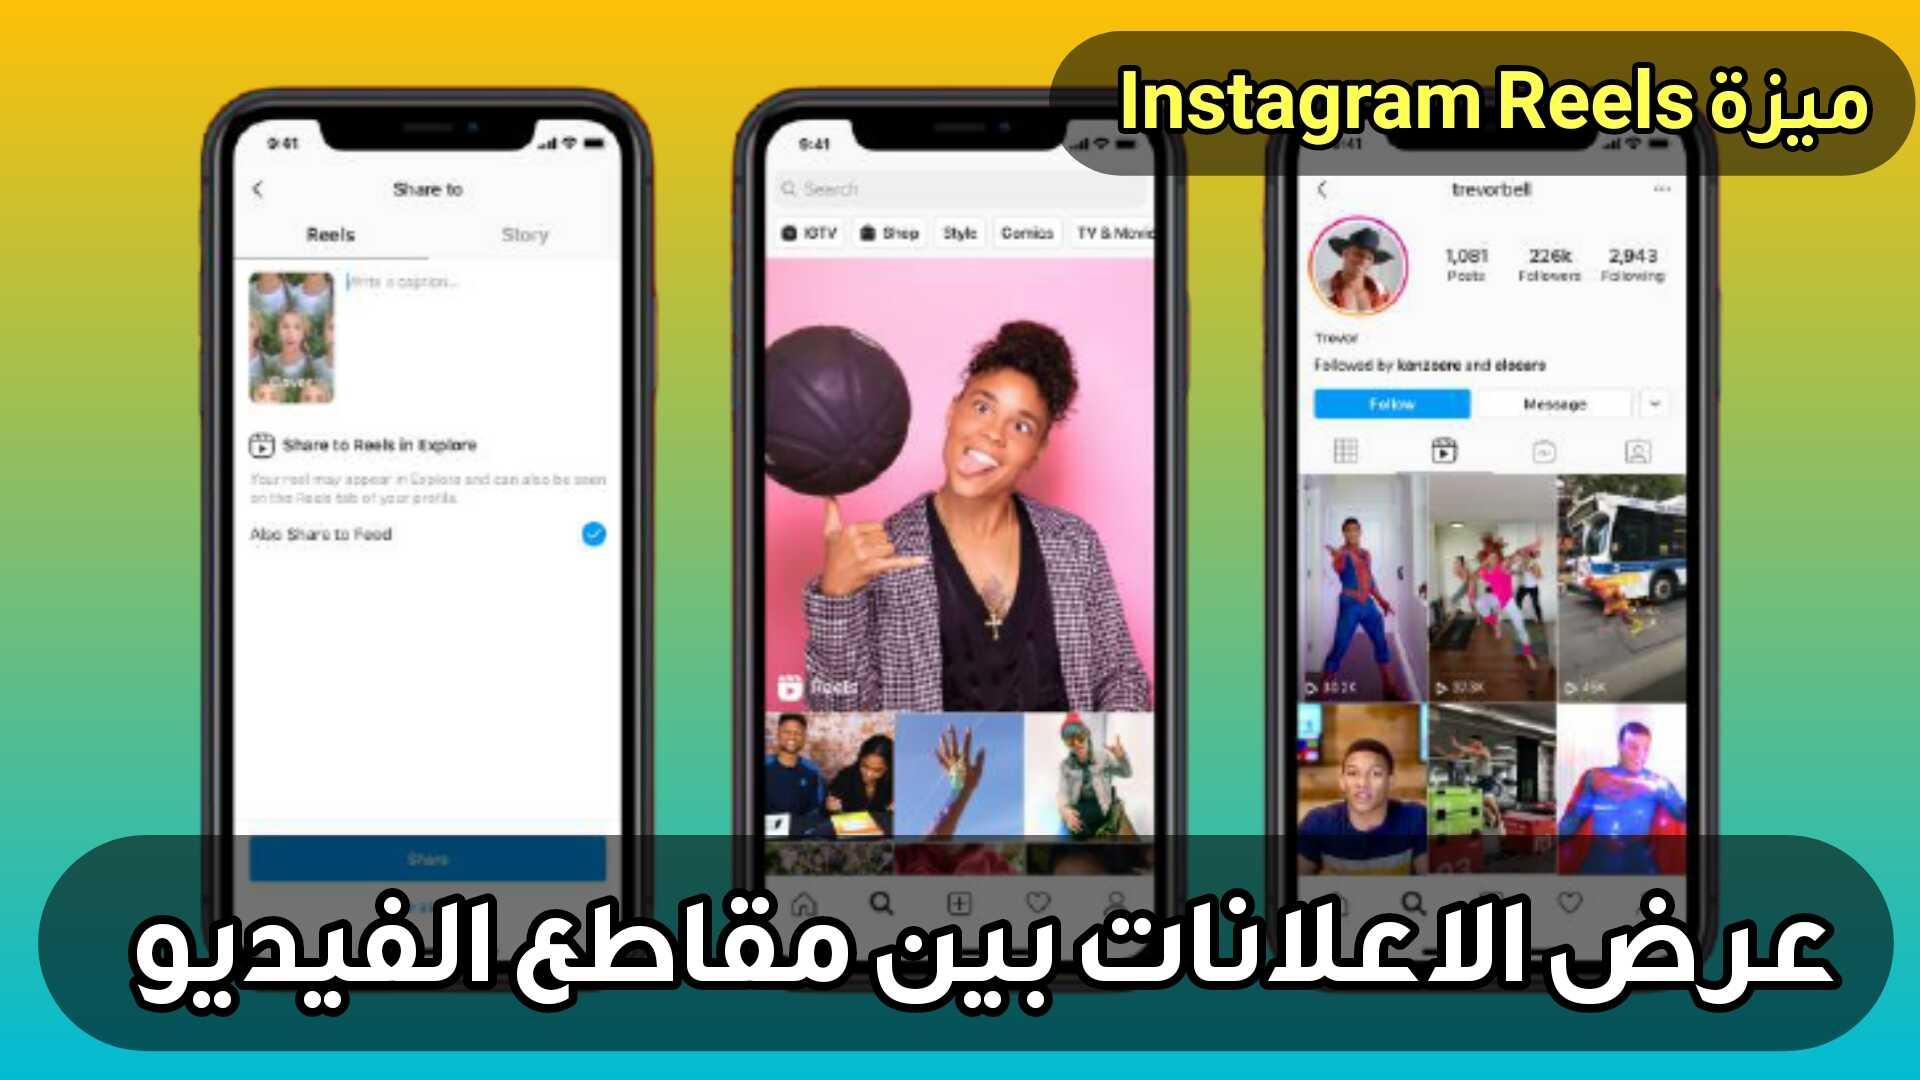 ميزة Instagram Reels تبدأ بعرض الاعلانات بين مقاطع الفيديو